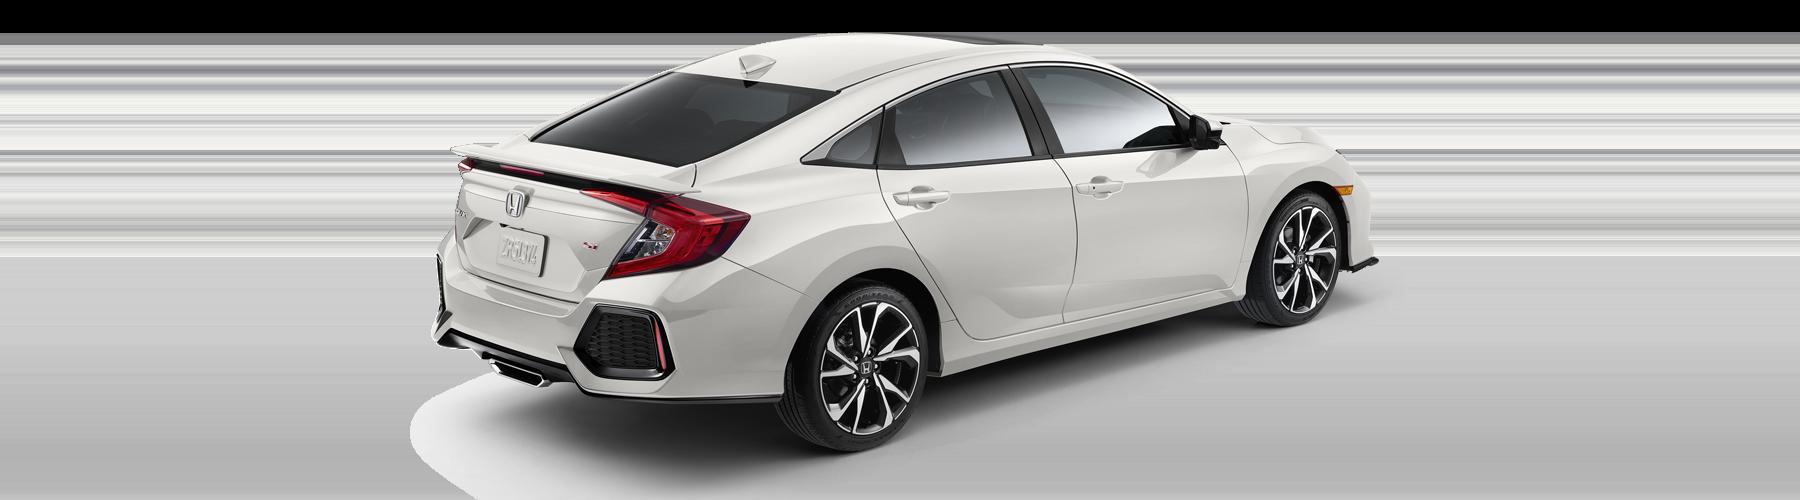 2017 Honda Civic Si Sedan | New England Honda Dealers